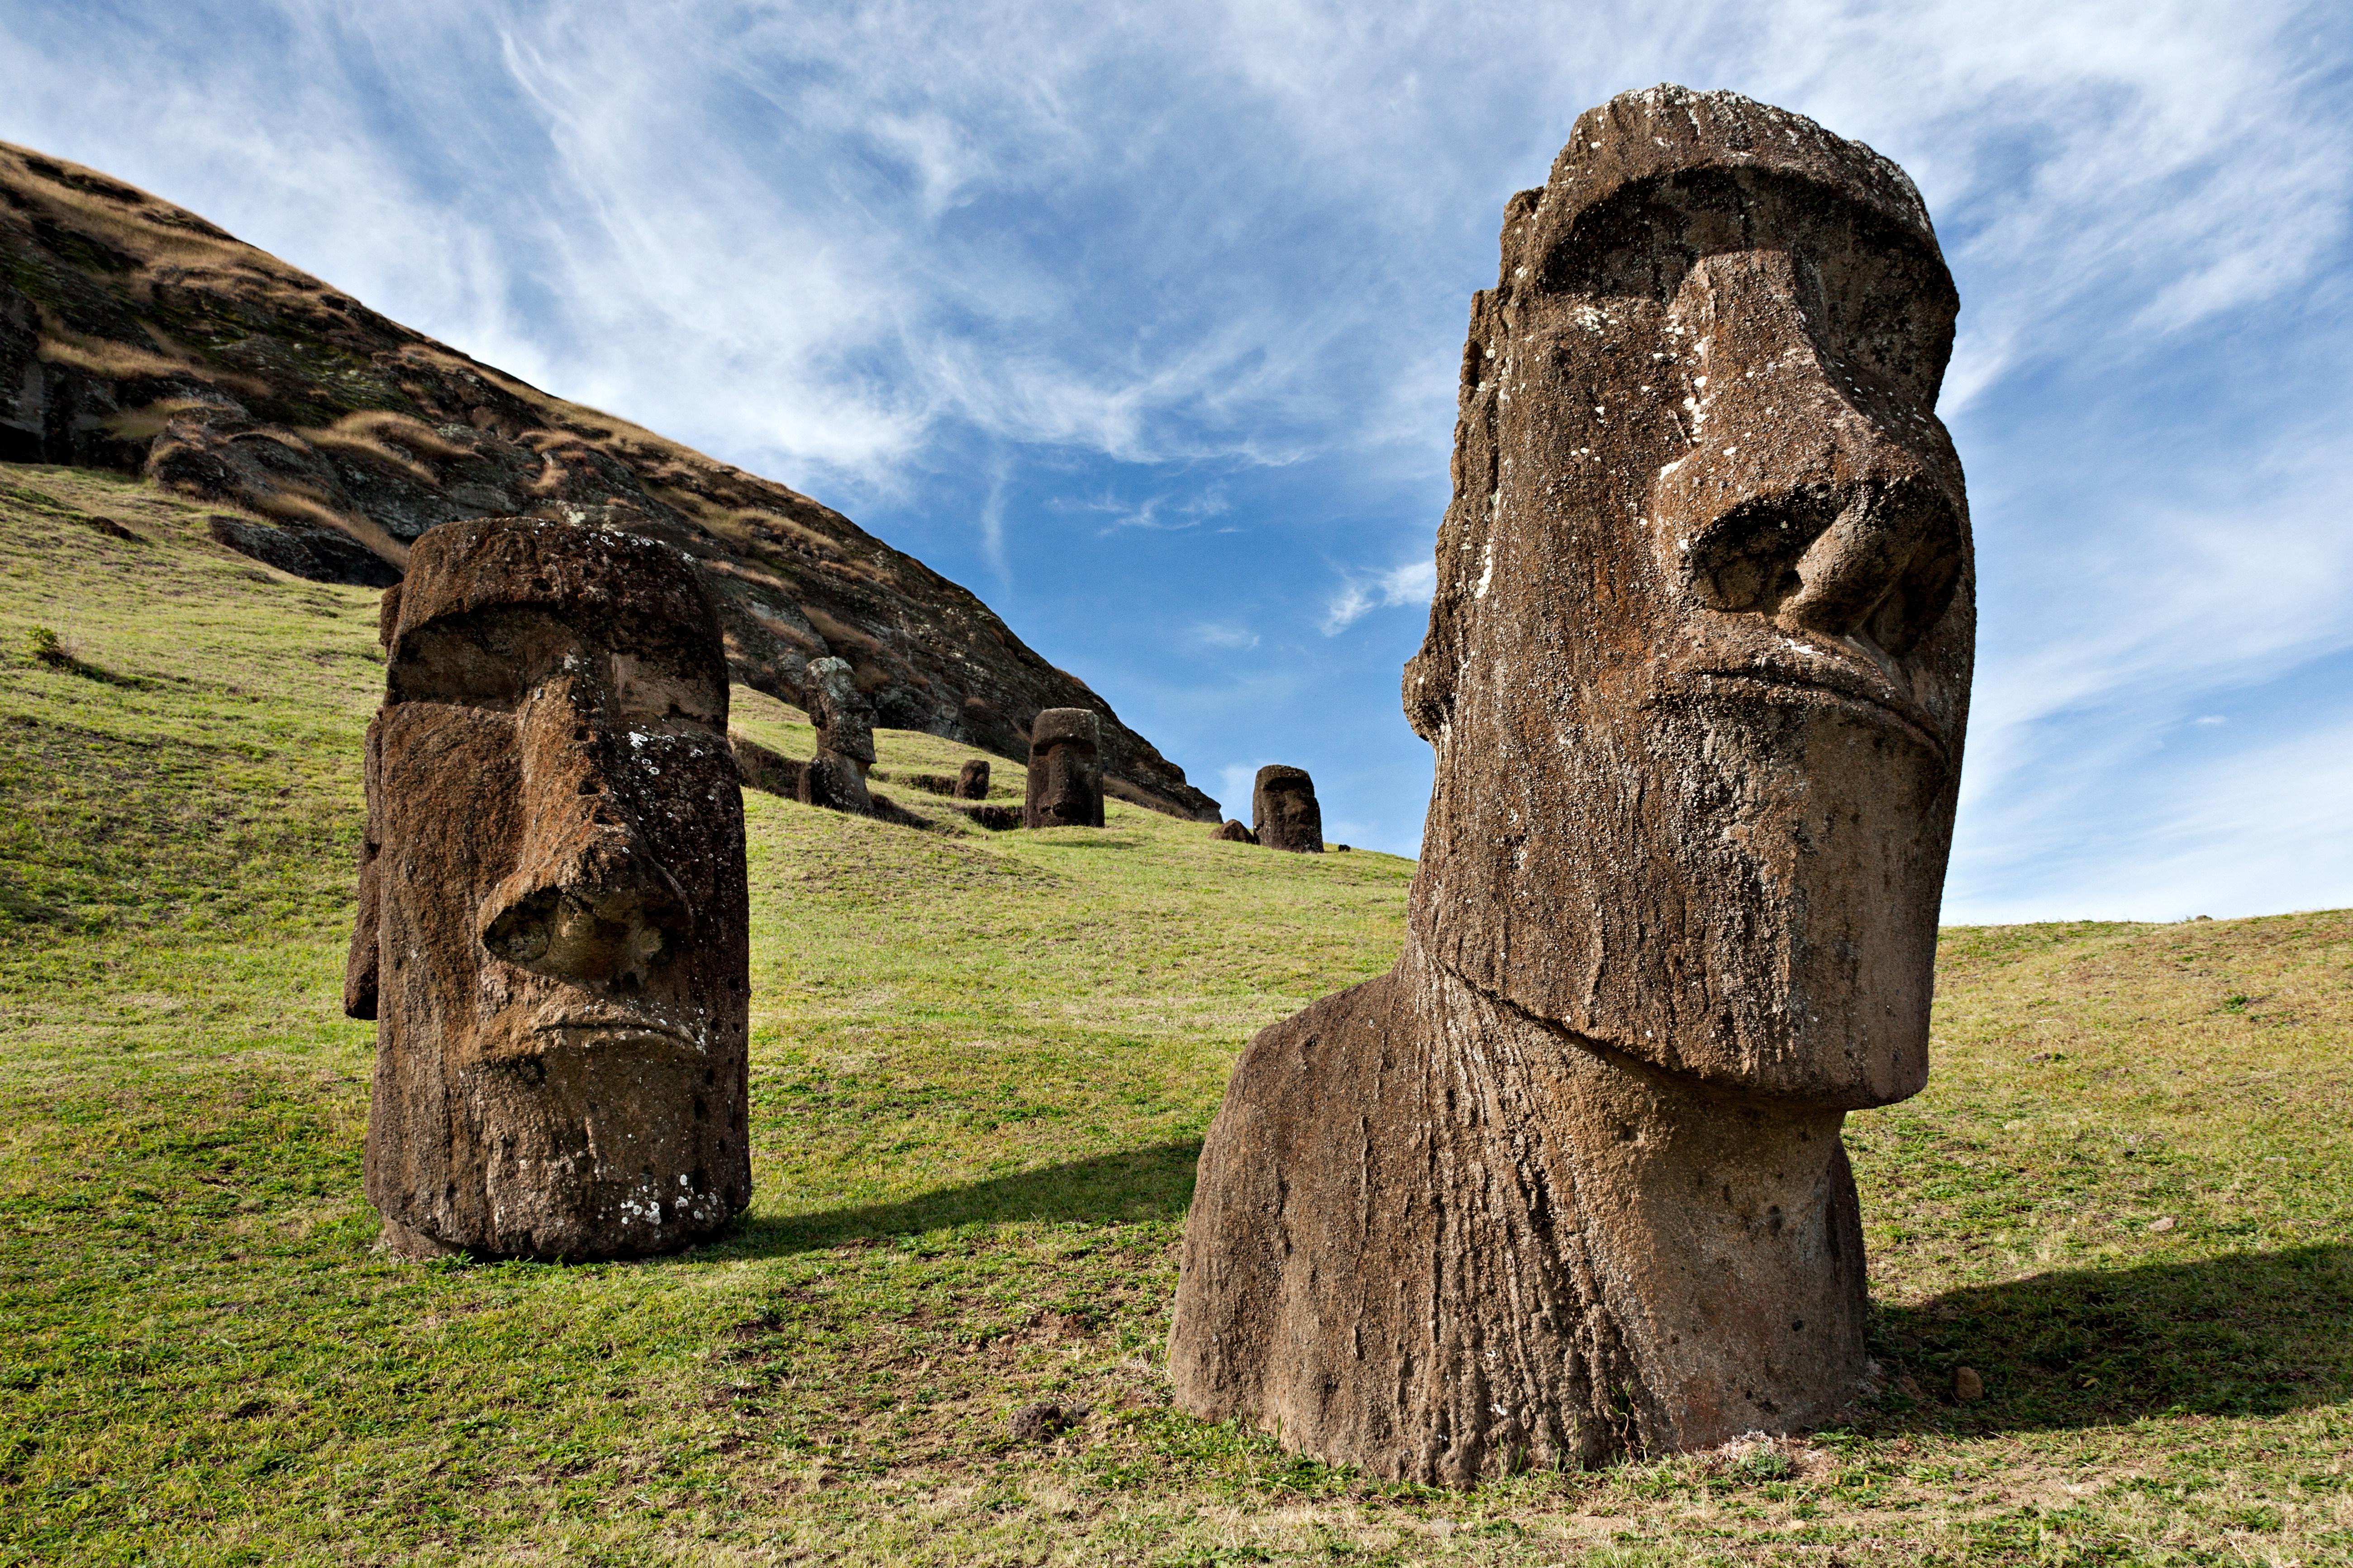 Moai statues, rano raraku, easter island, polynesia